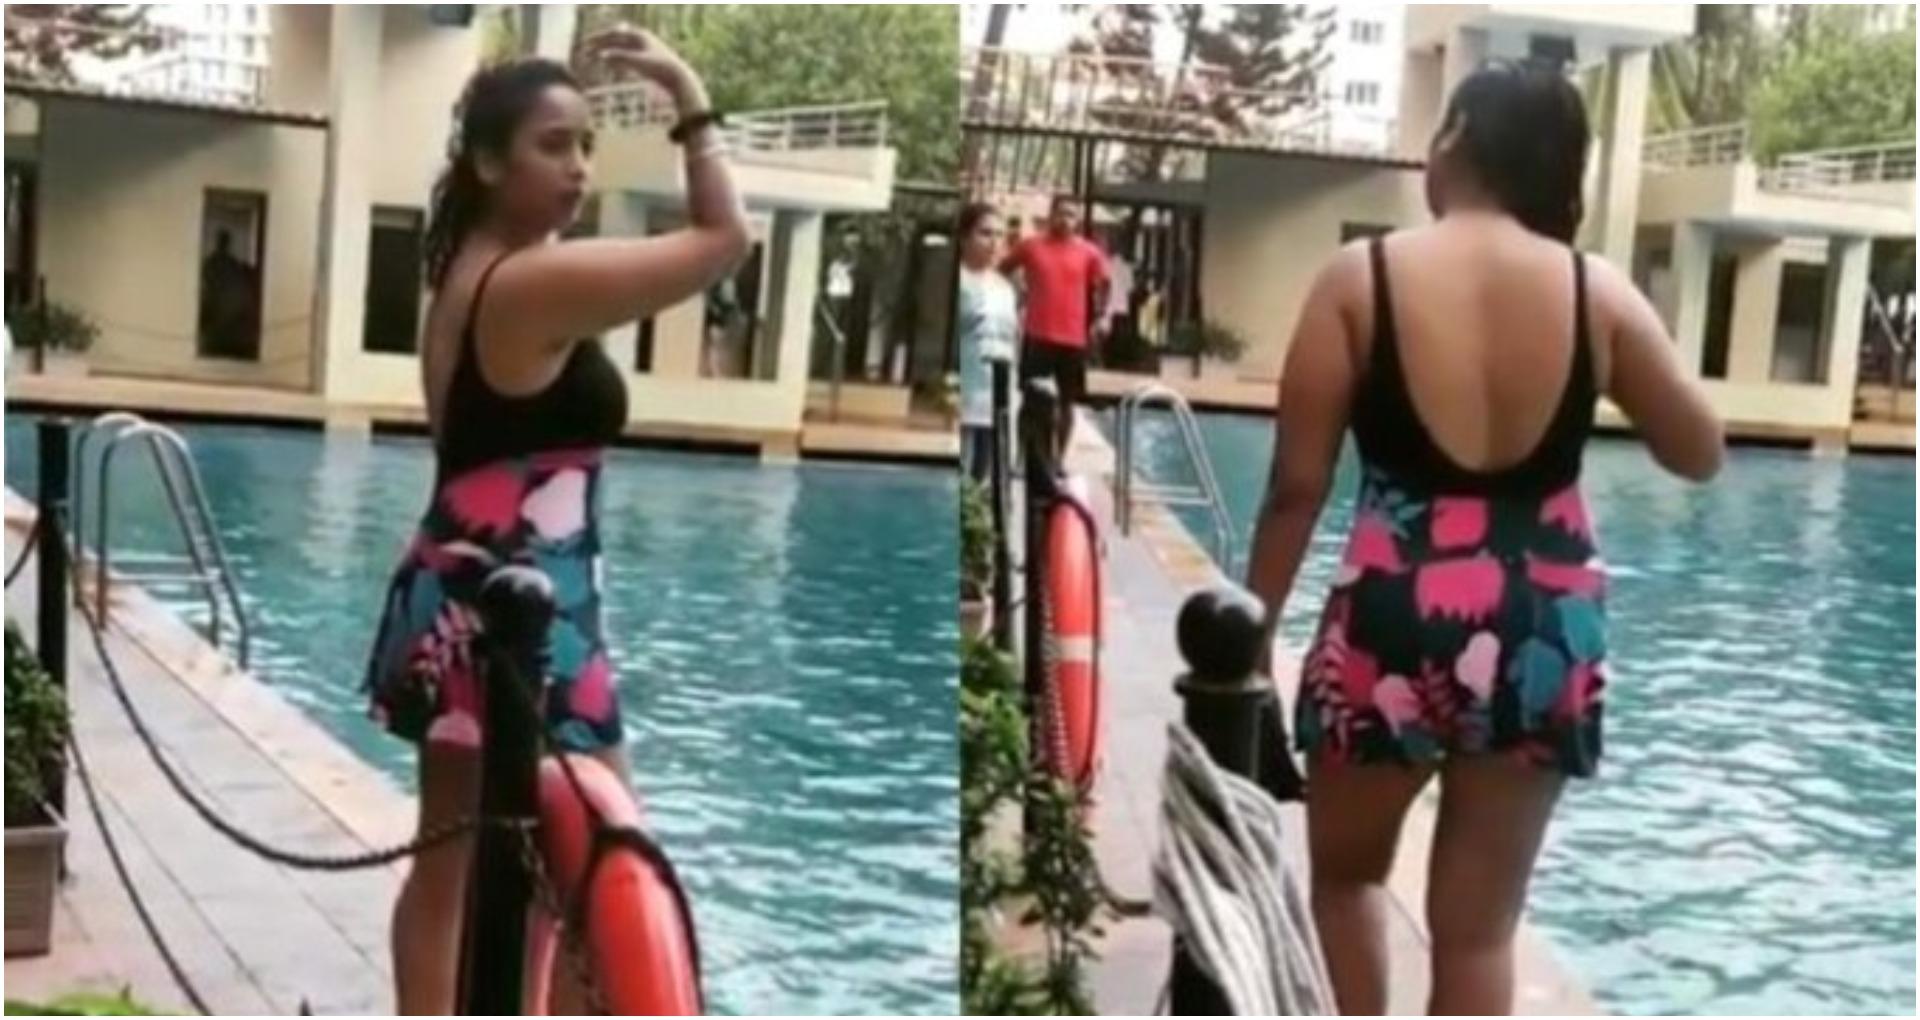 स्विमिंग कॉस्ट्यूम में रानी चटर्जी ने लगाया पानी में आग, वीडियो हुआ वायरल, लोगों ने किया ट्रोल